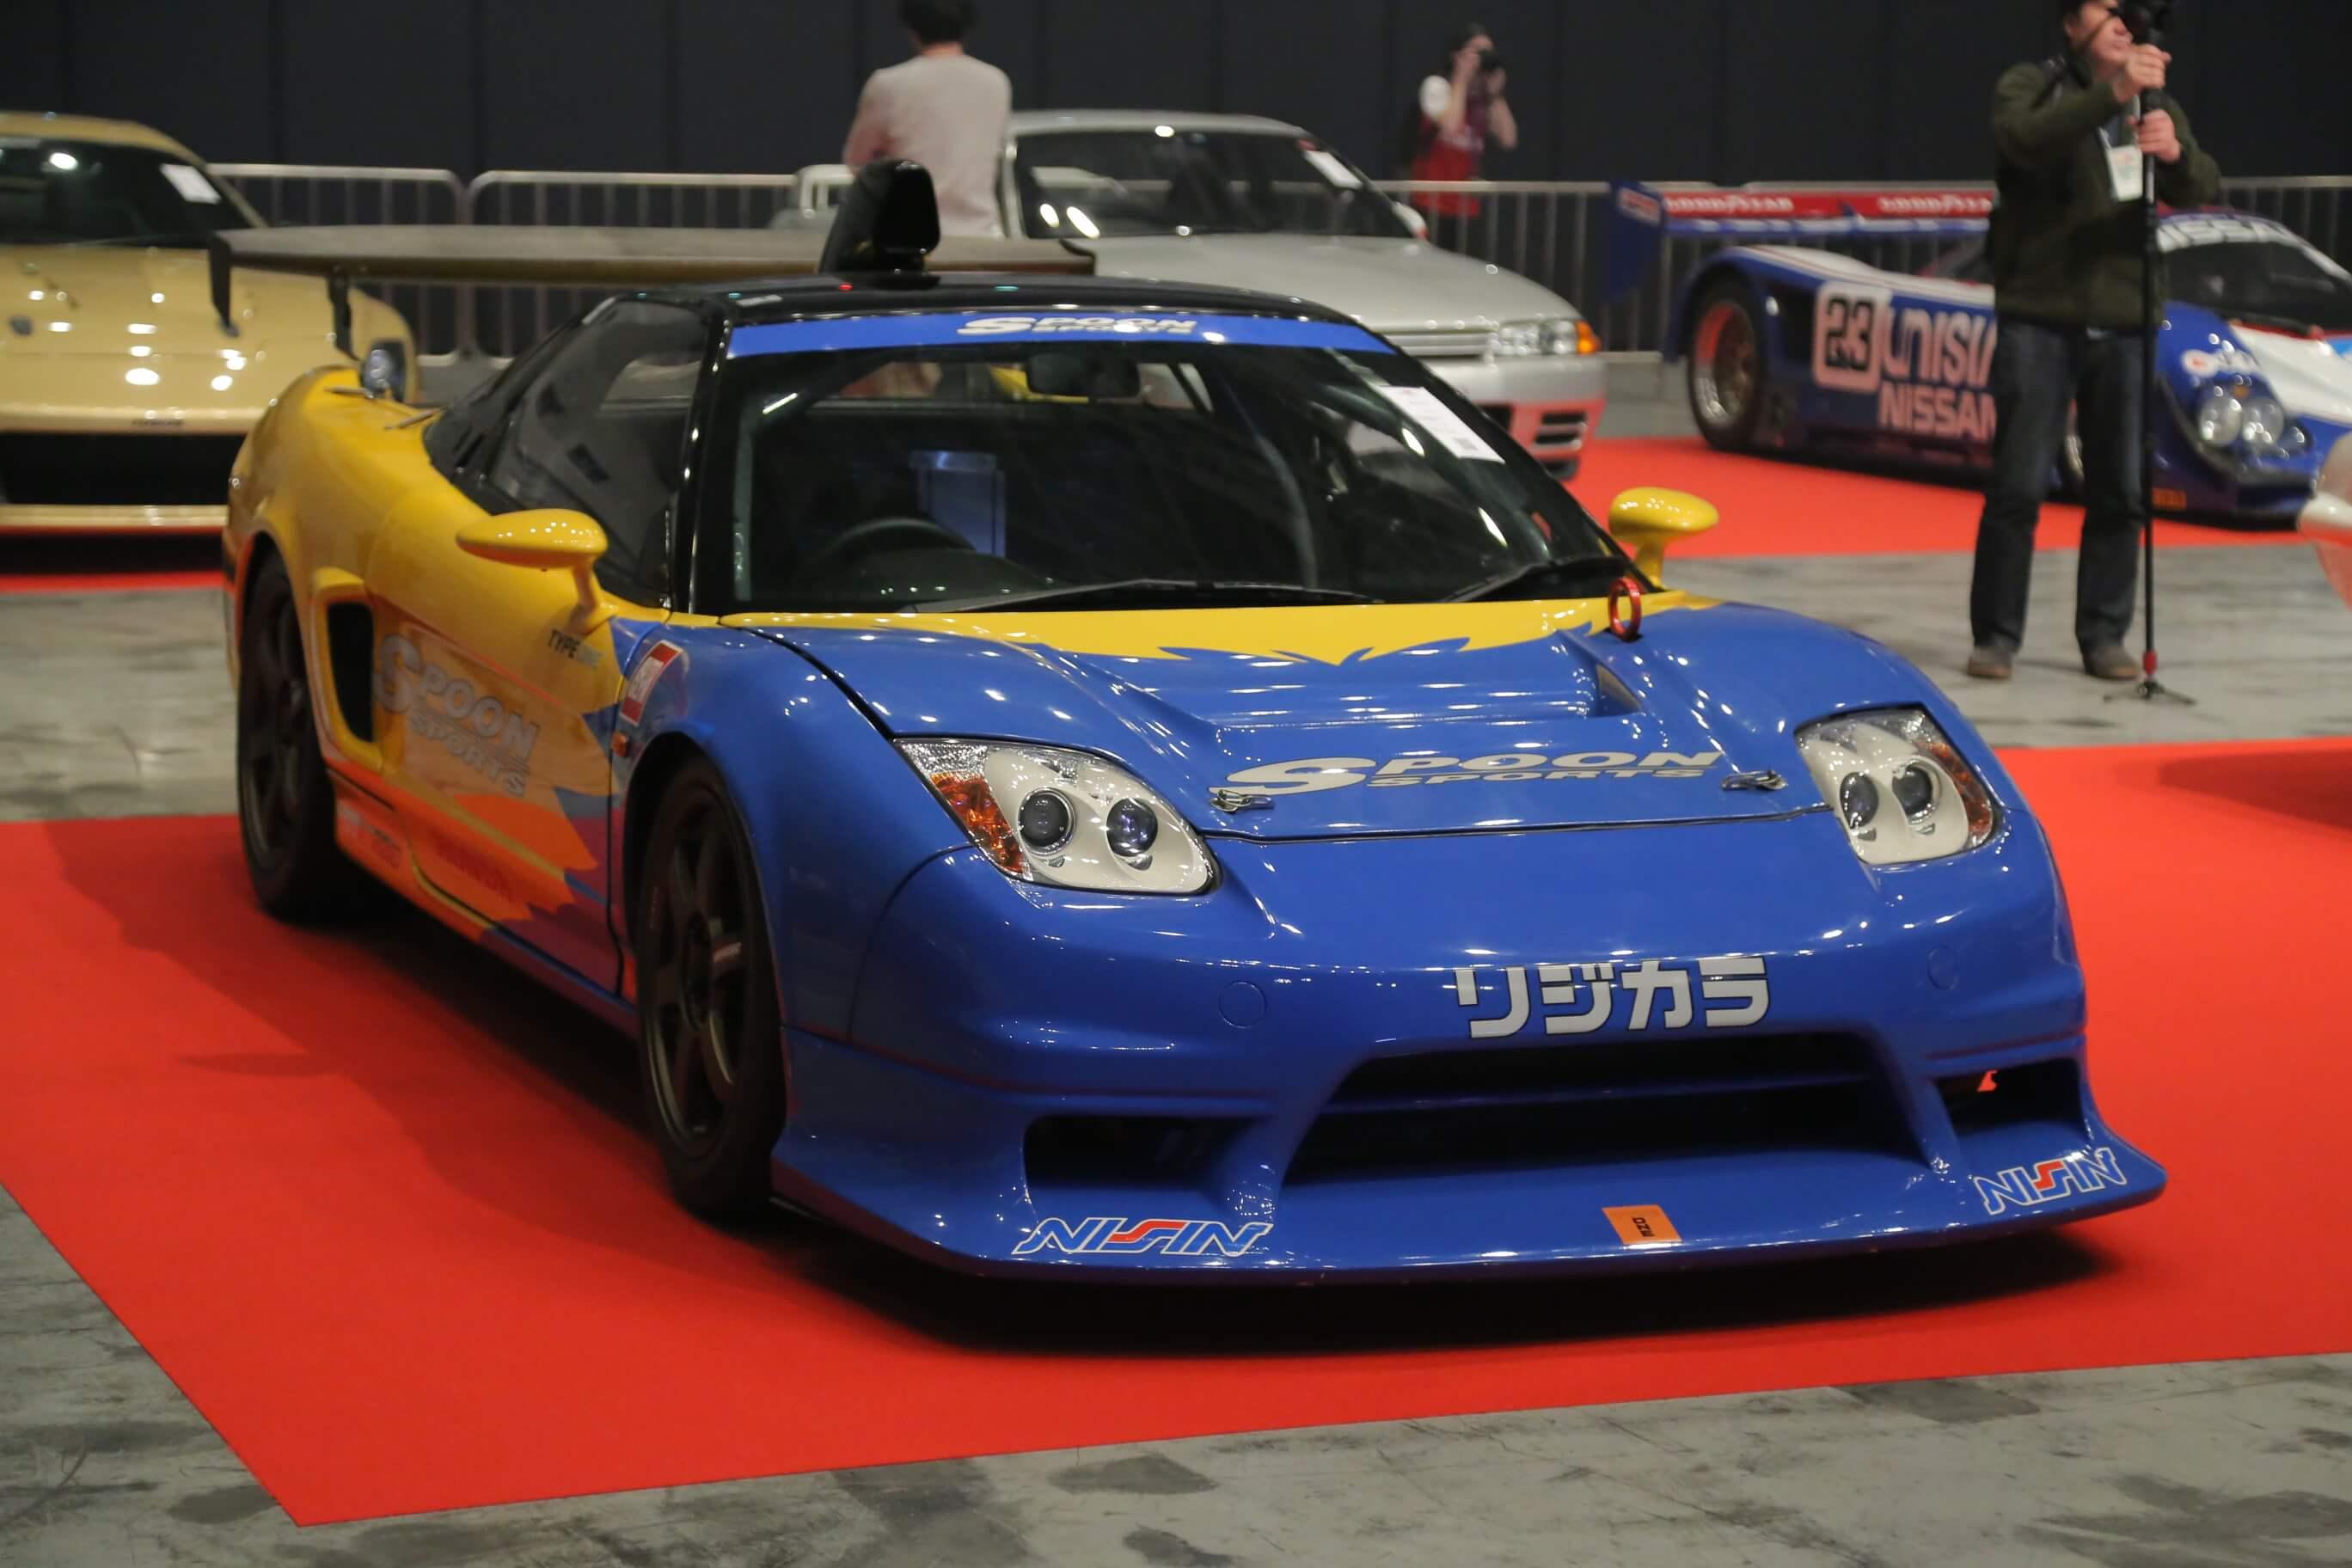 東京オートサロン オークション 2007 Spoon NSX-R GT Version